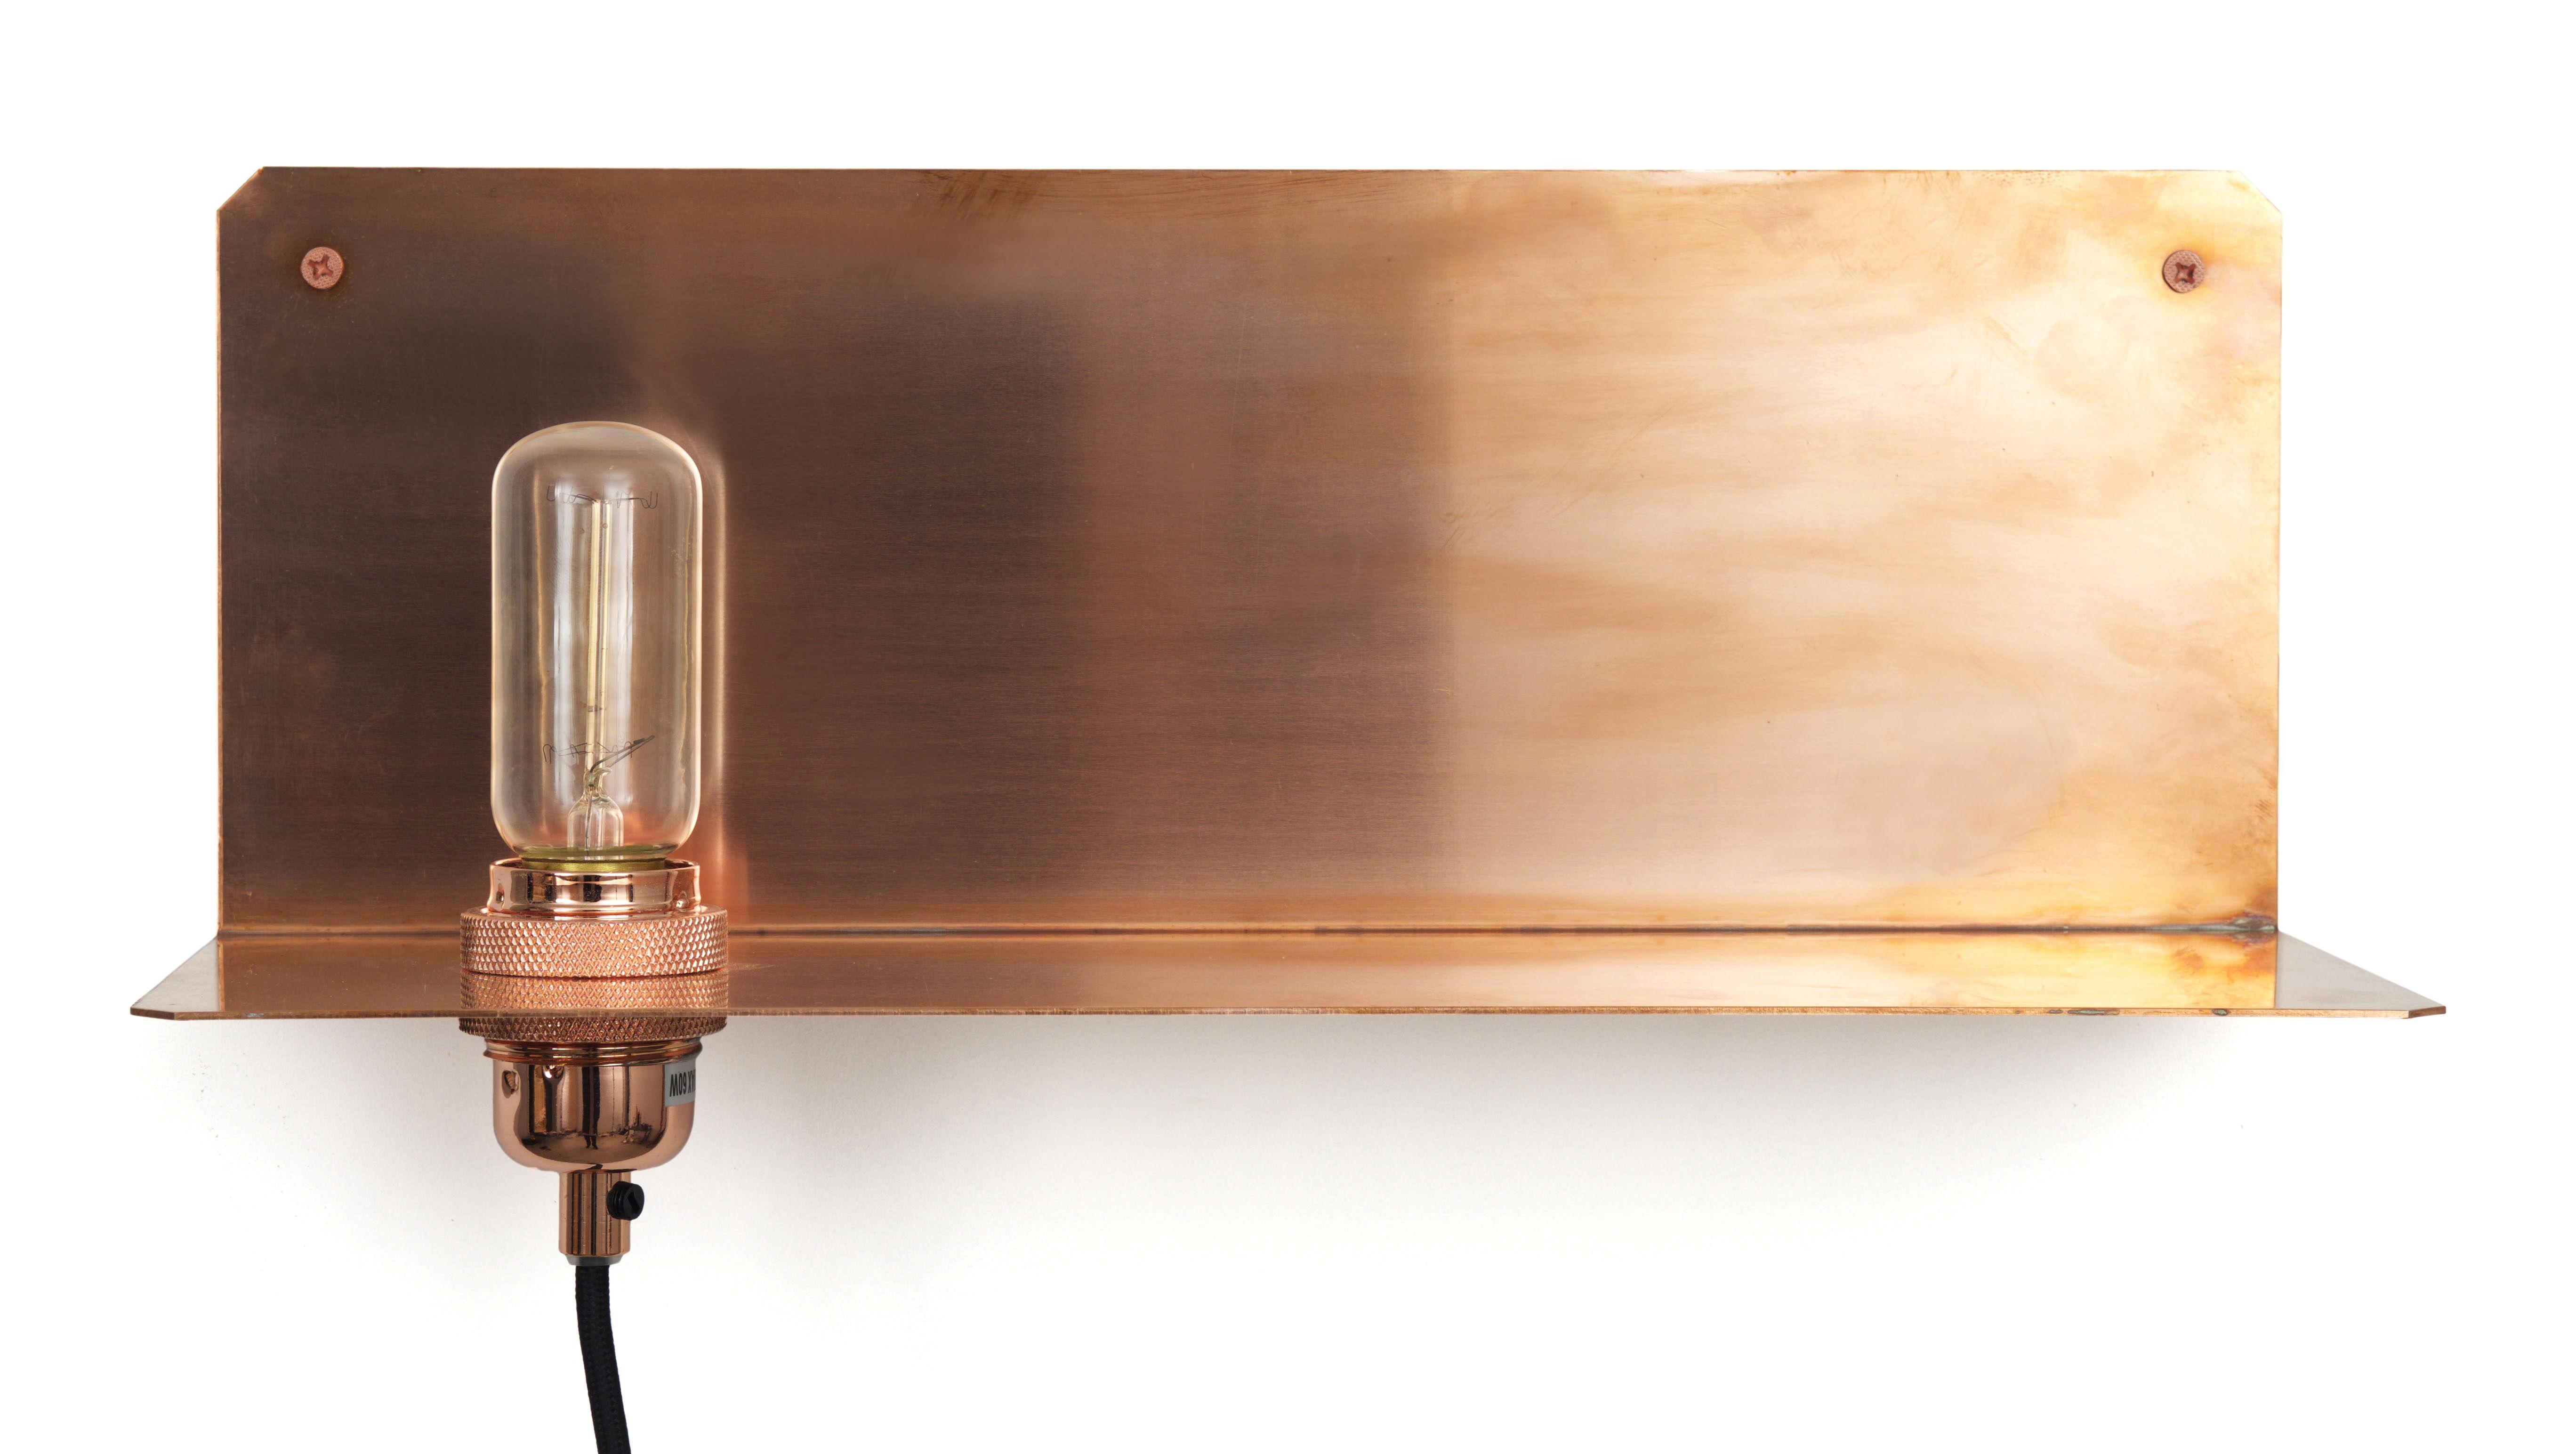 Möbel - Regale und Bücherregale - 90° Wandleuchte mit Stromkabel / Regal - Frama  - Kupfer - Kupfer, massiv